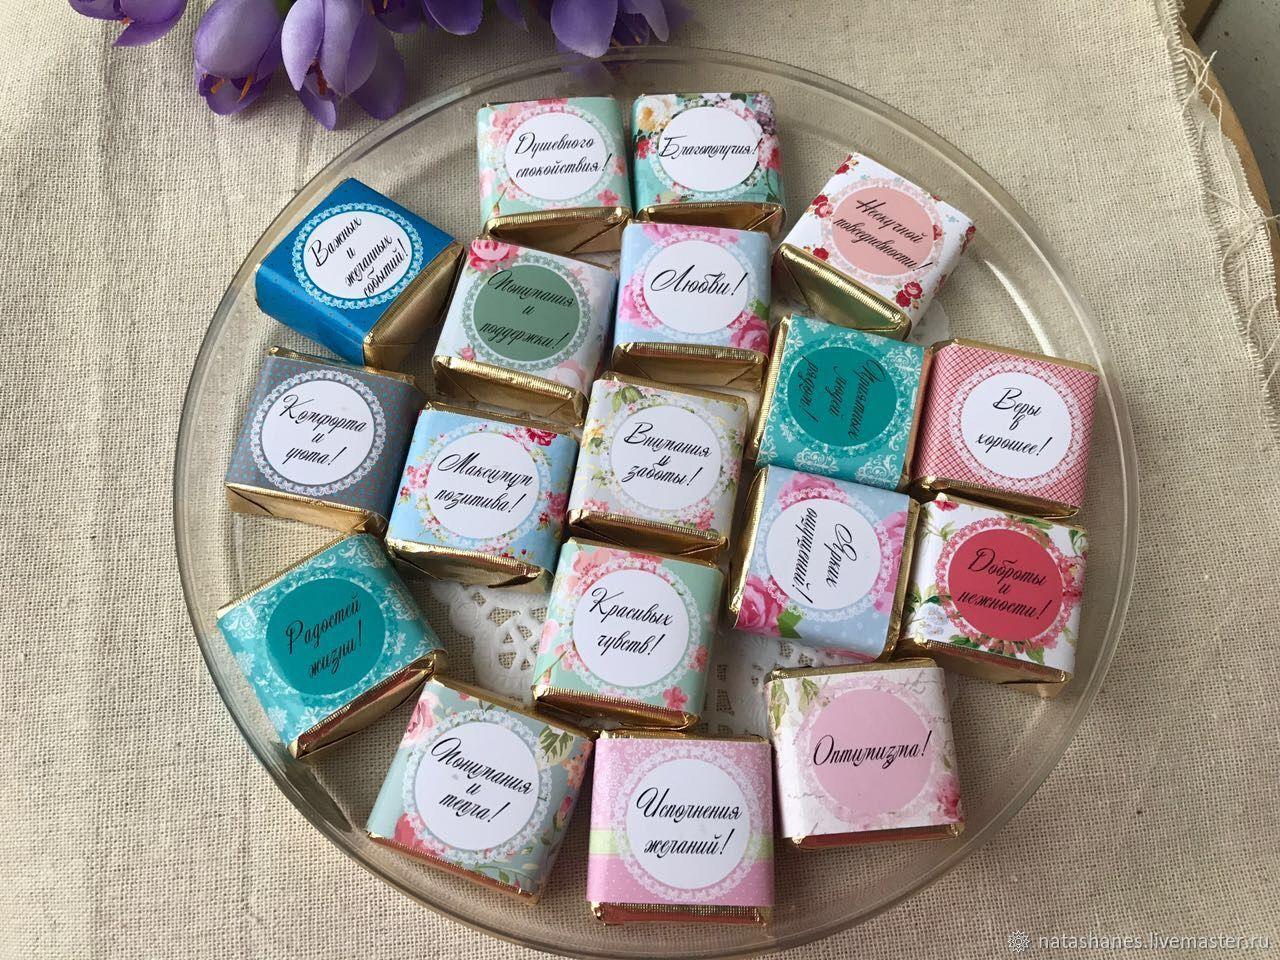 глоуб поздравления к маленьким подарочкам конфеты процессы могут